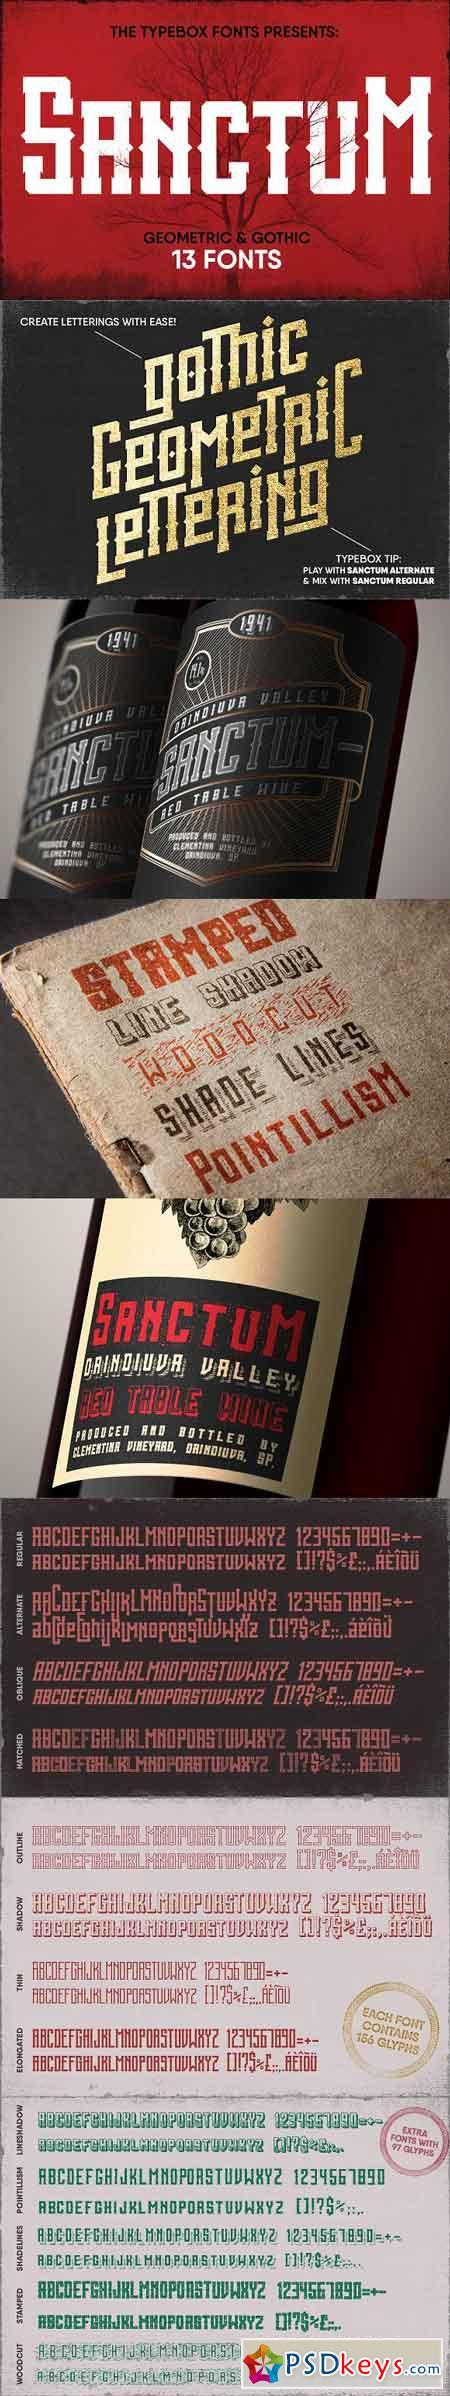 Sanctum Font Pack 1322953